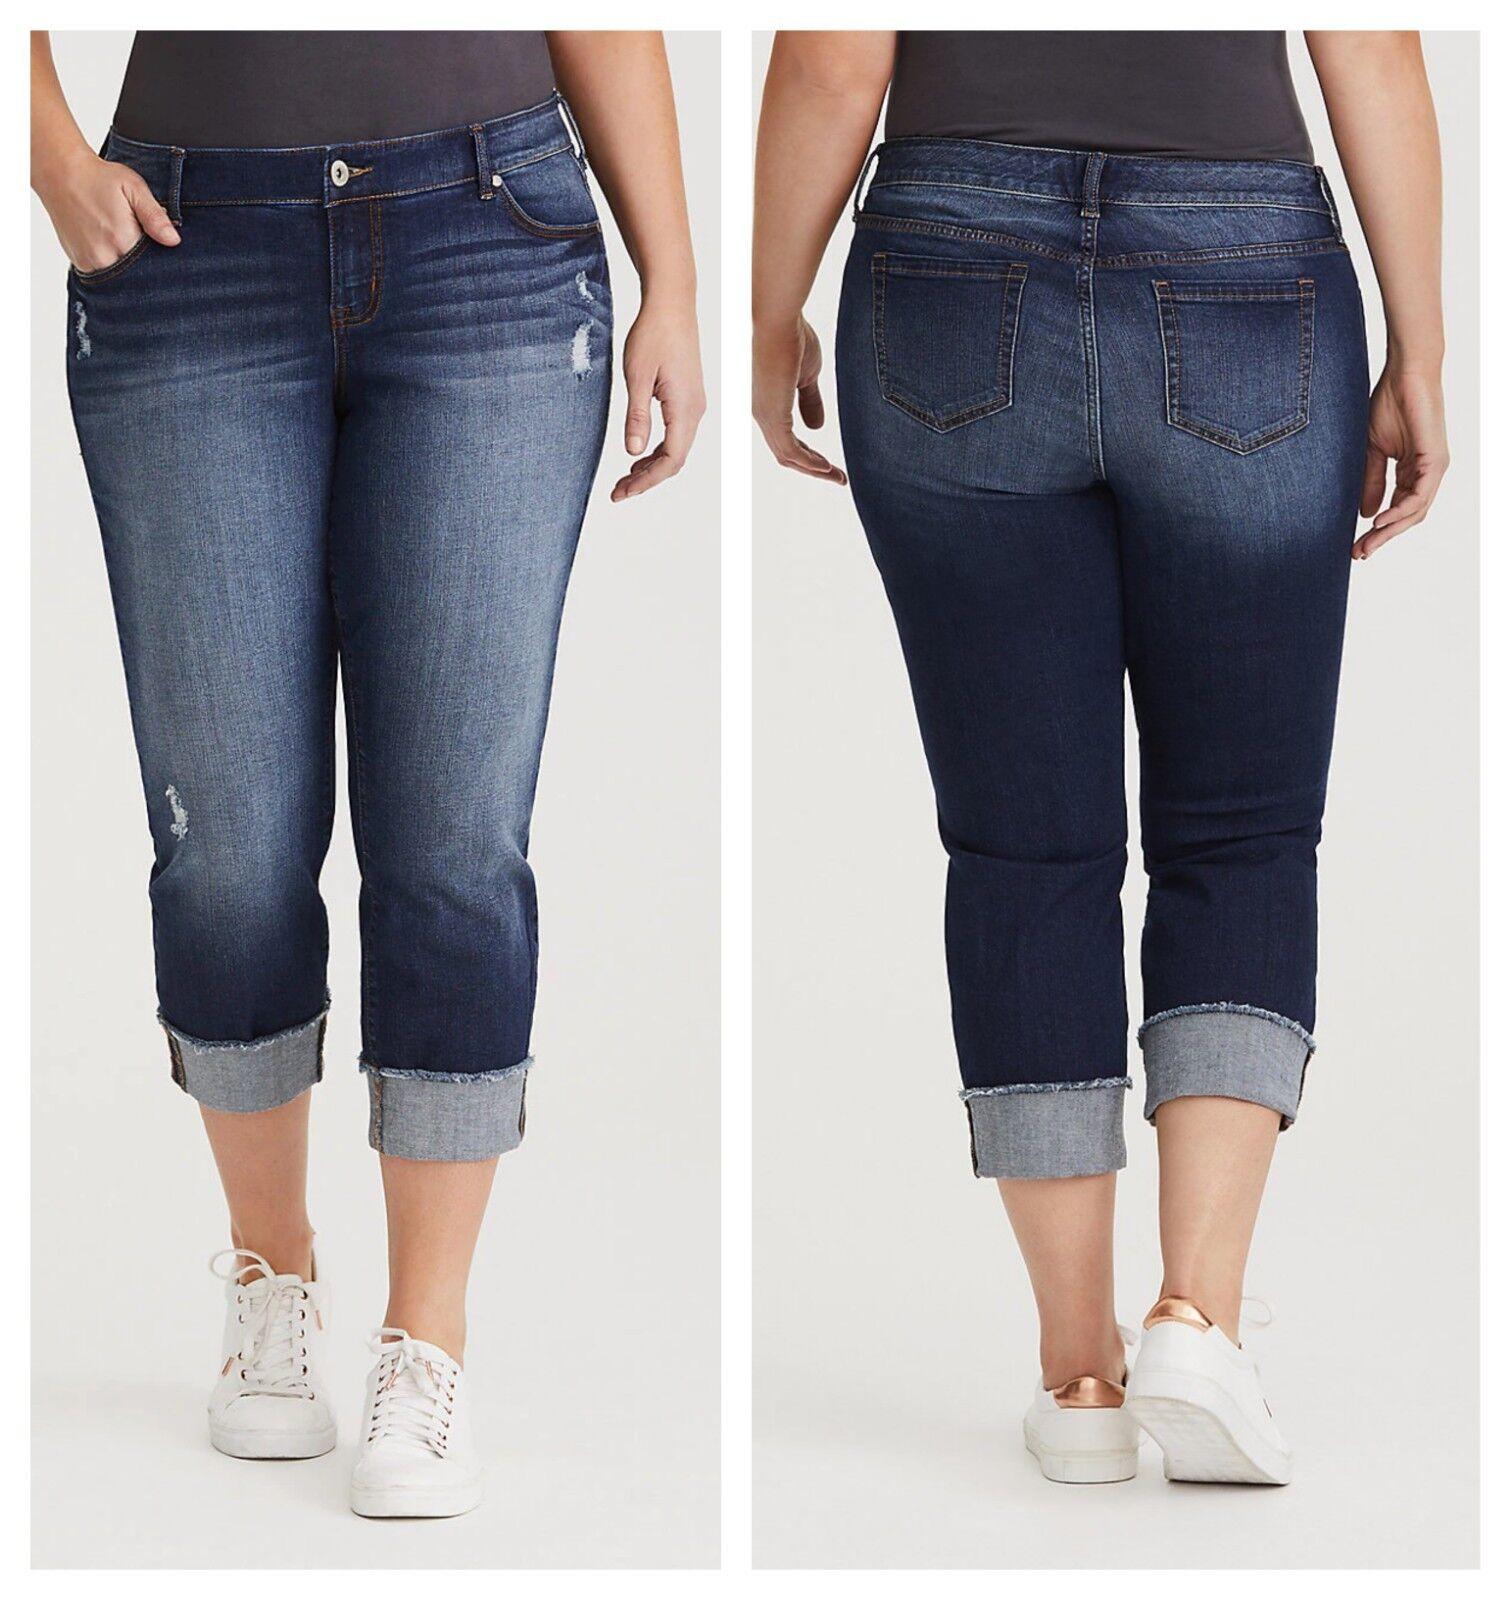 Torrid Crop Boyfriend Pacific Distressed Medium Wash jeans 3X 24